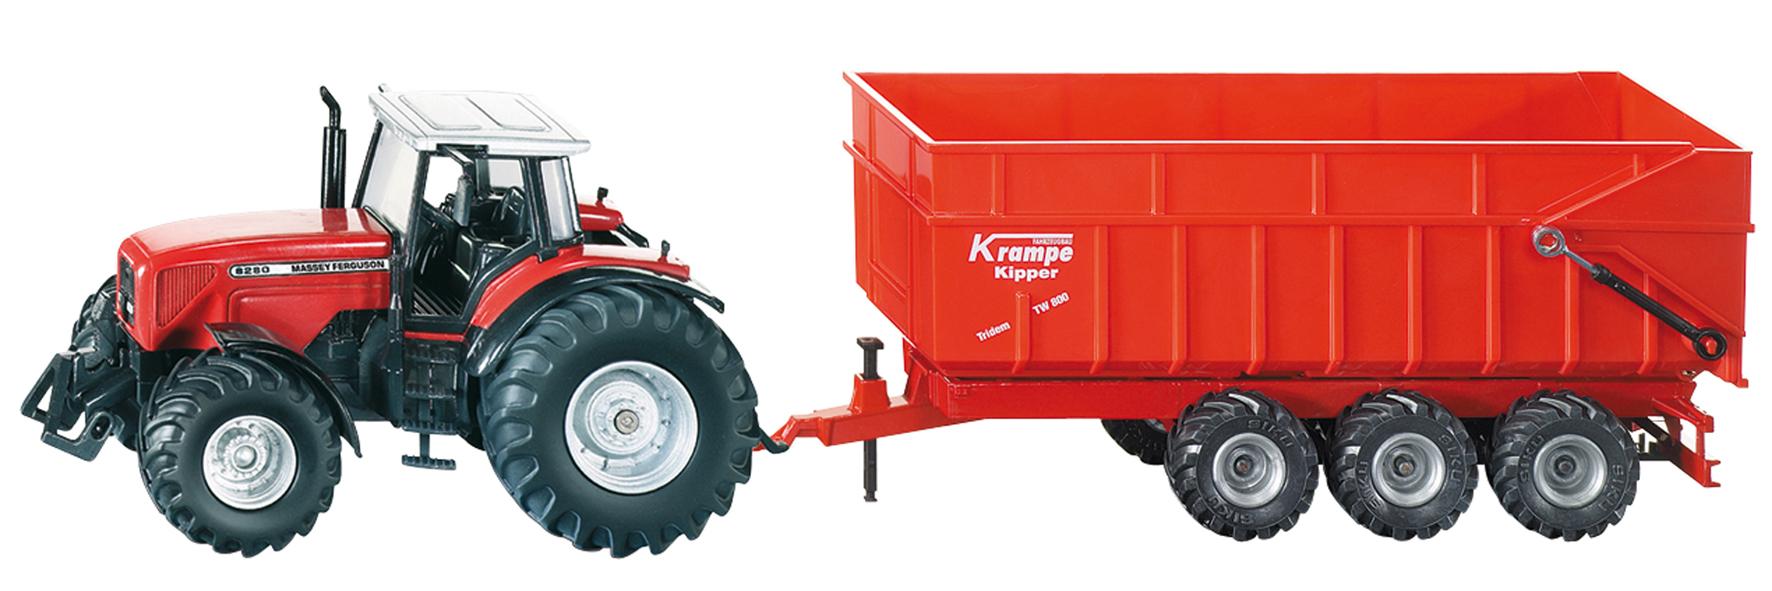 Massey ferguson tracteur avec remorque 3 essieux 1844 1 87 achat en ligne ou dans notre - Tracteur remorque enfant ...